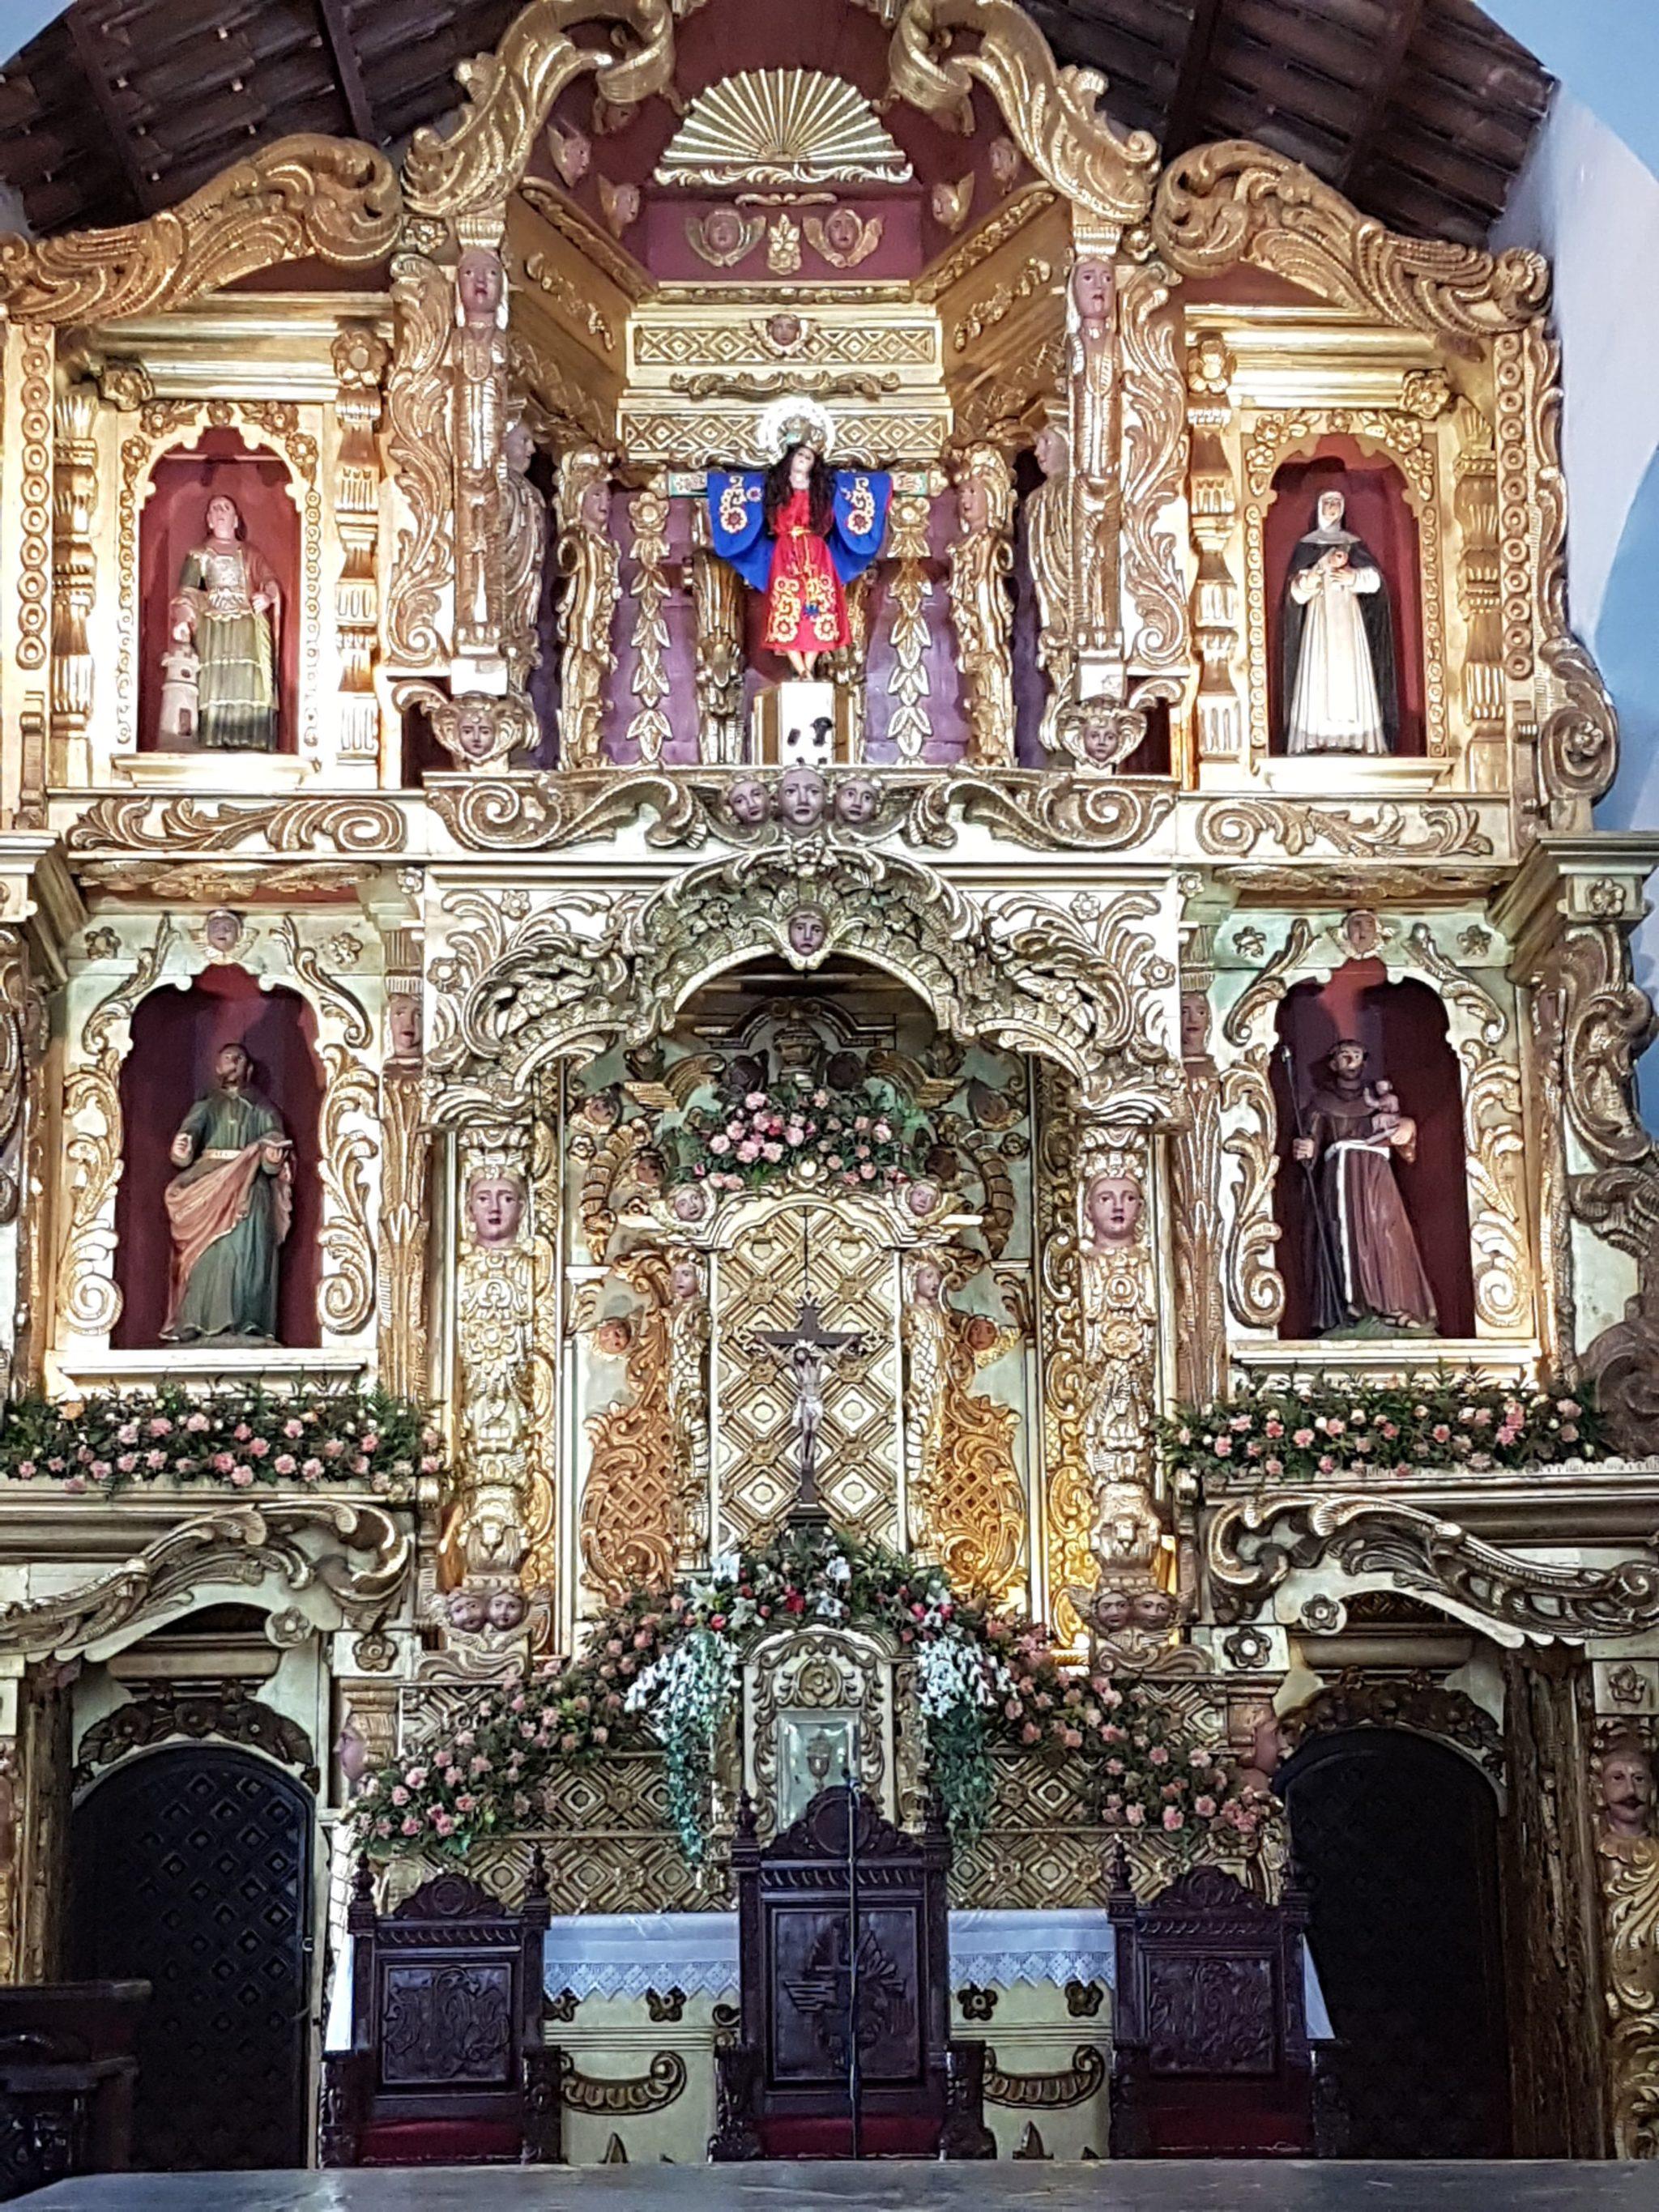 Kościół z nietypową figurą Jezusa ukrzyżowanego do góry ołtarza Fot. Maria Górczyńska